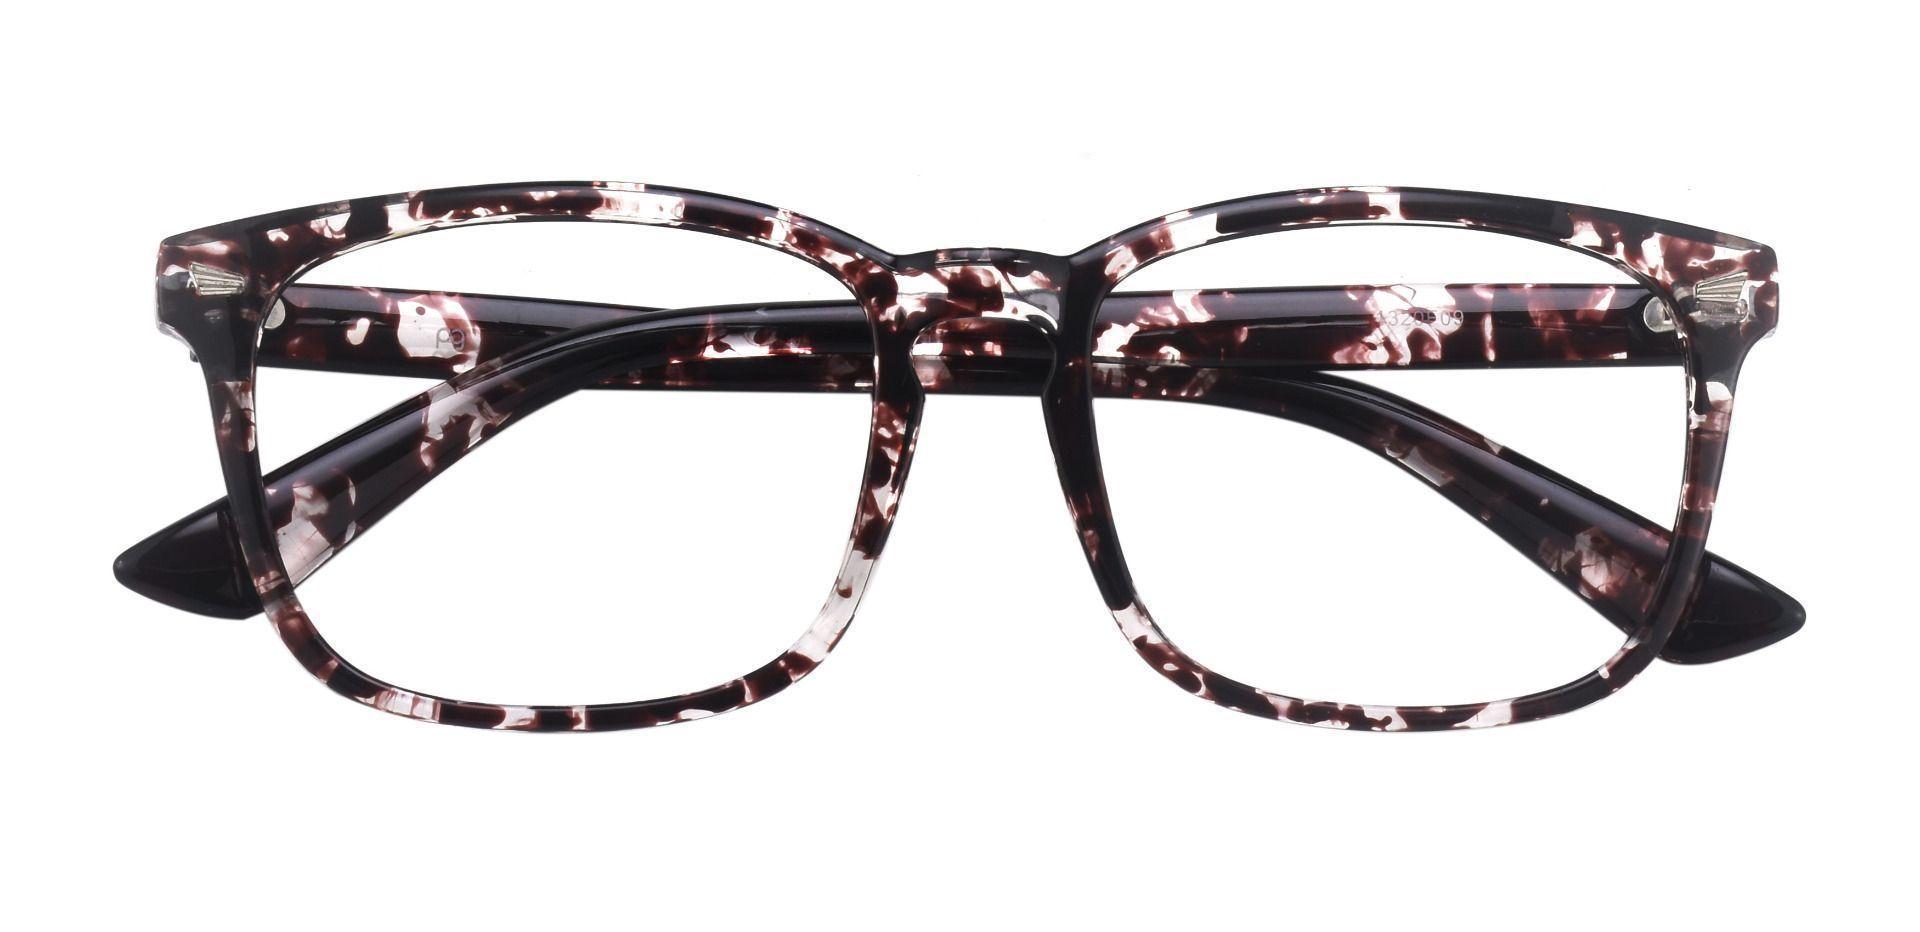 Zen Square Prescription Glasses - Two-tone